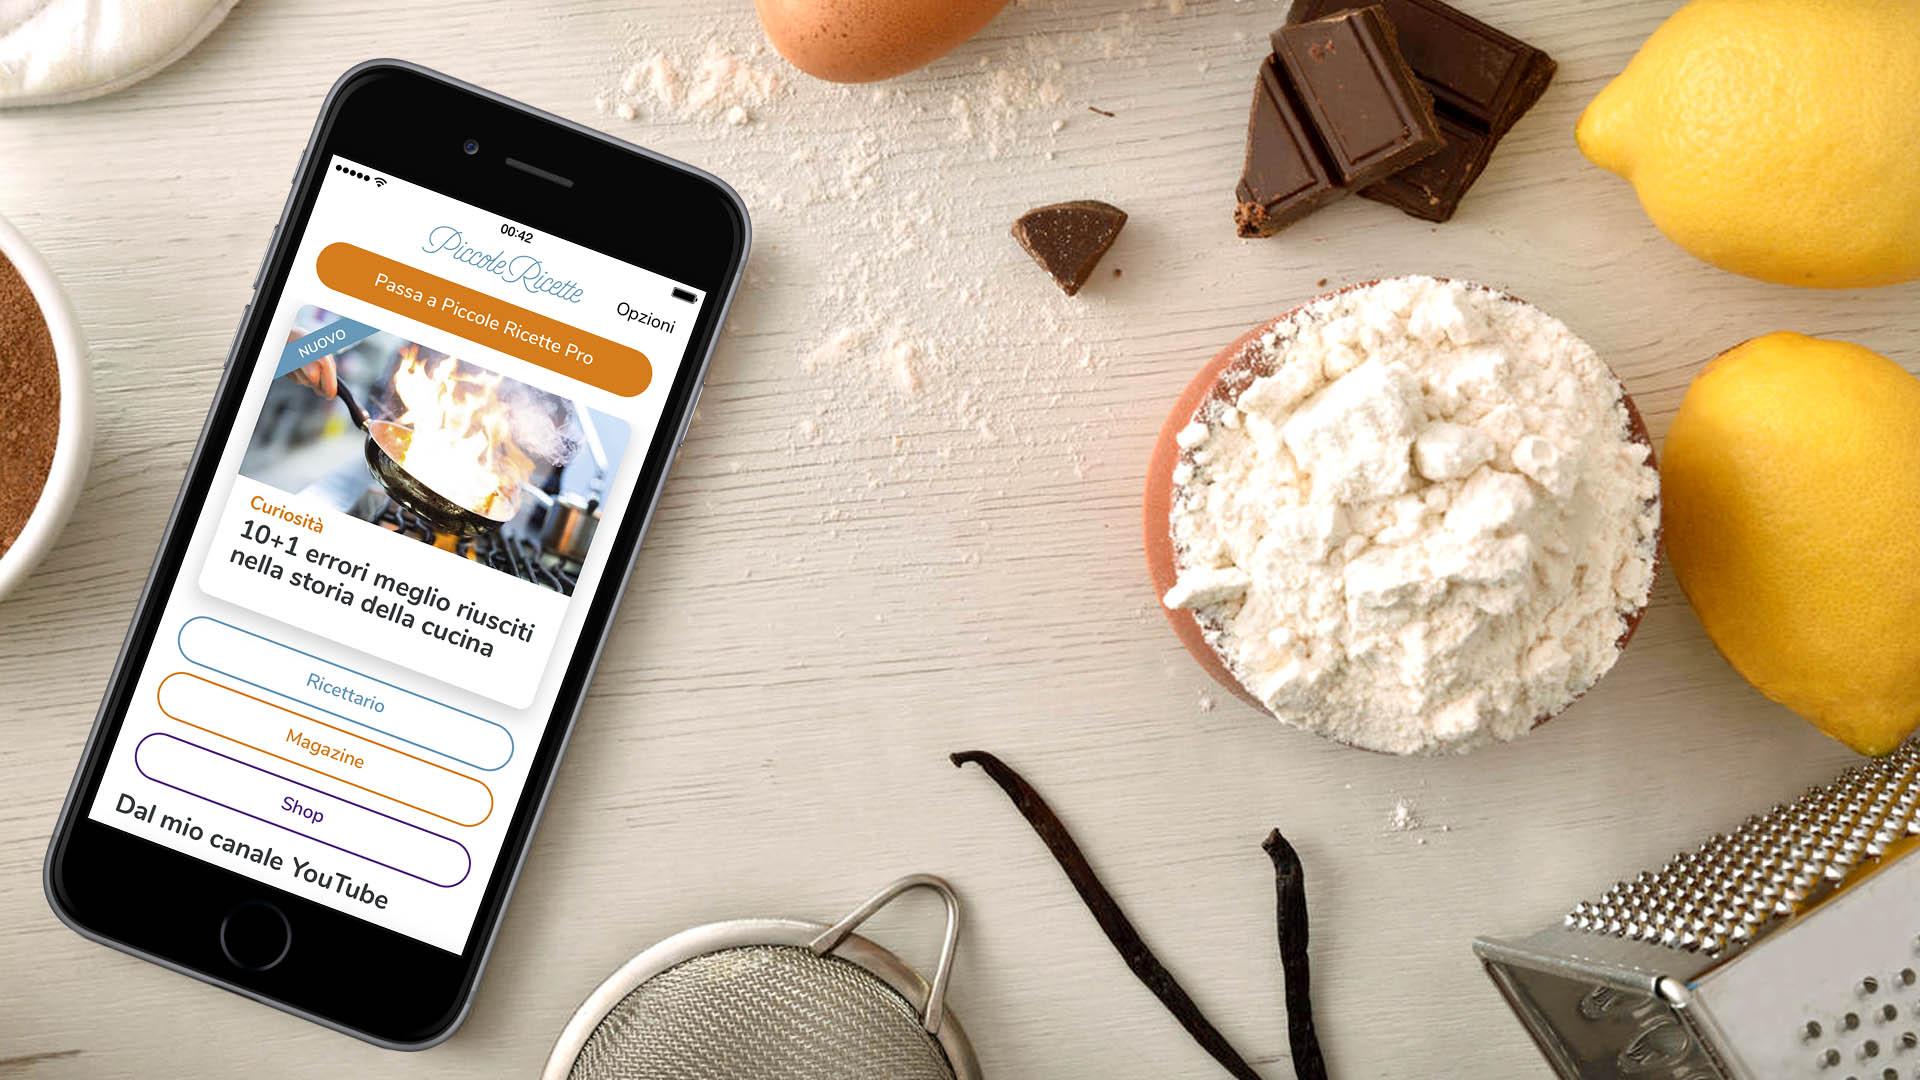 Piccole ricette la nuova versione dell app piccole ricette magazine